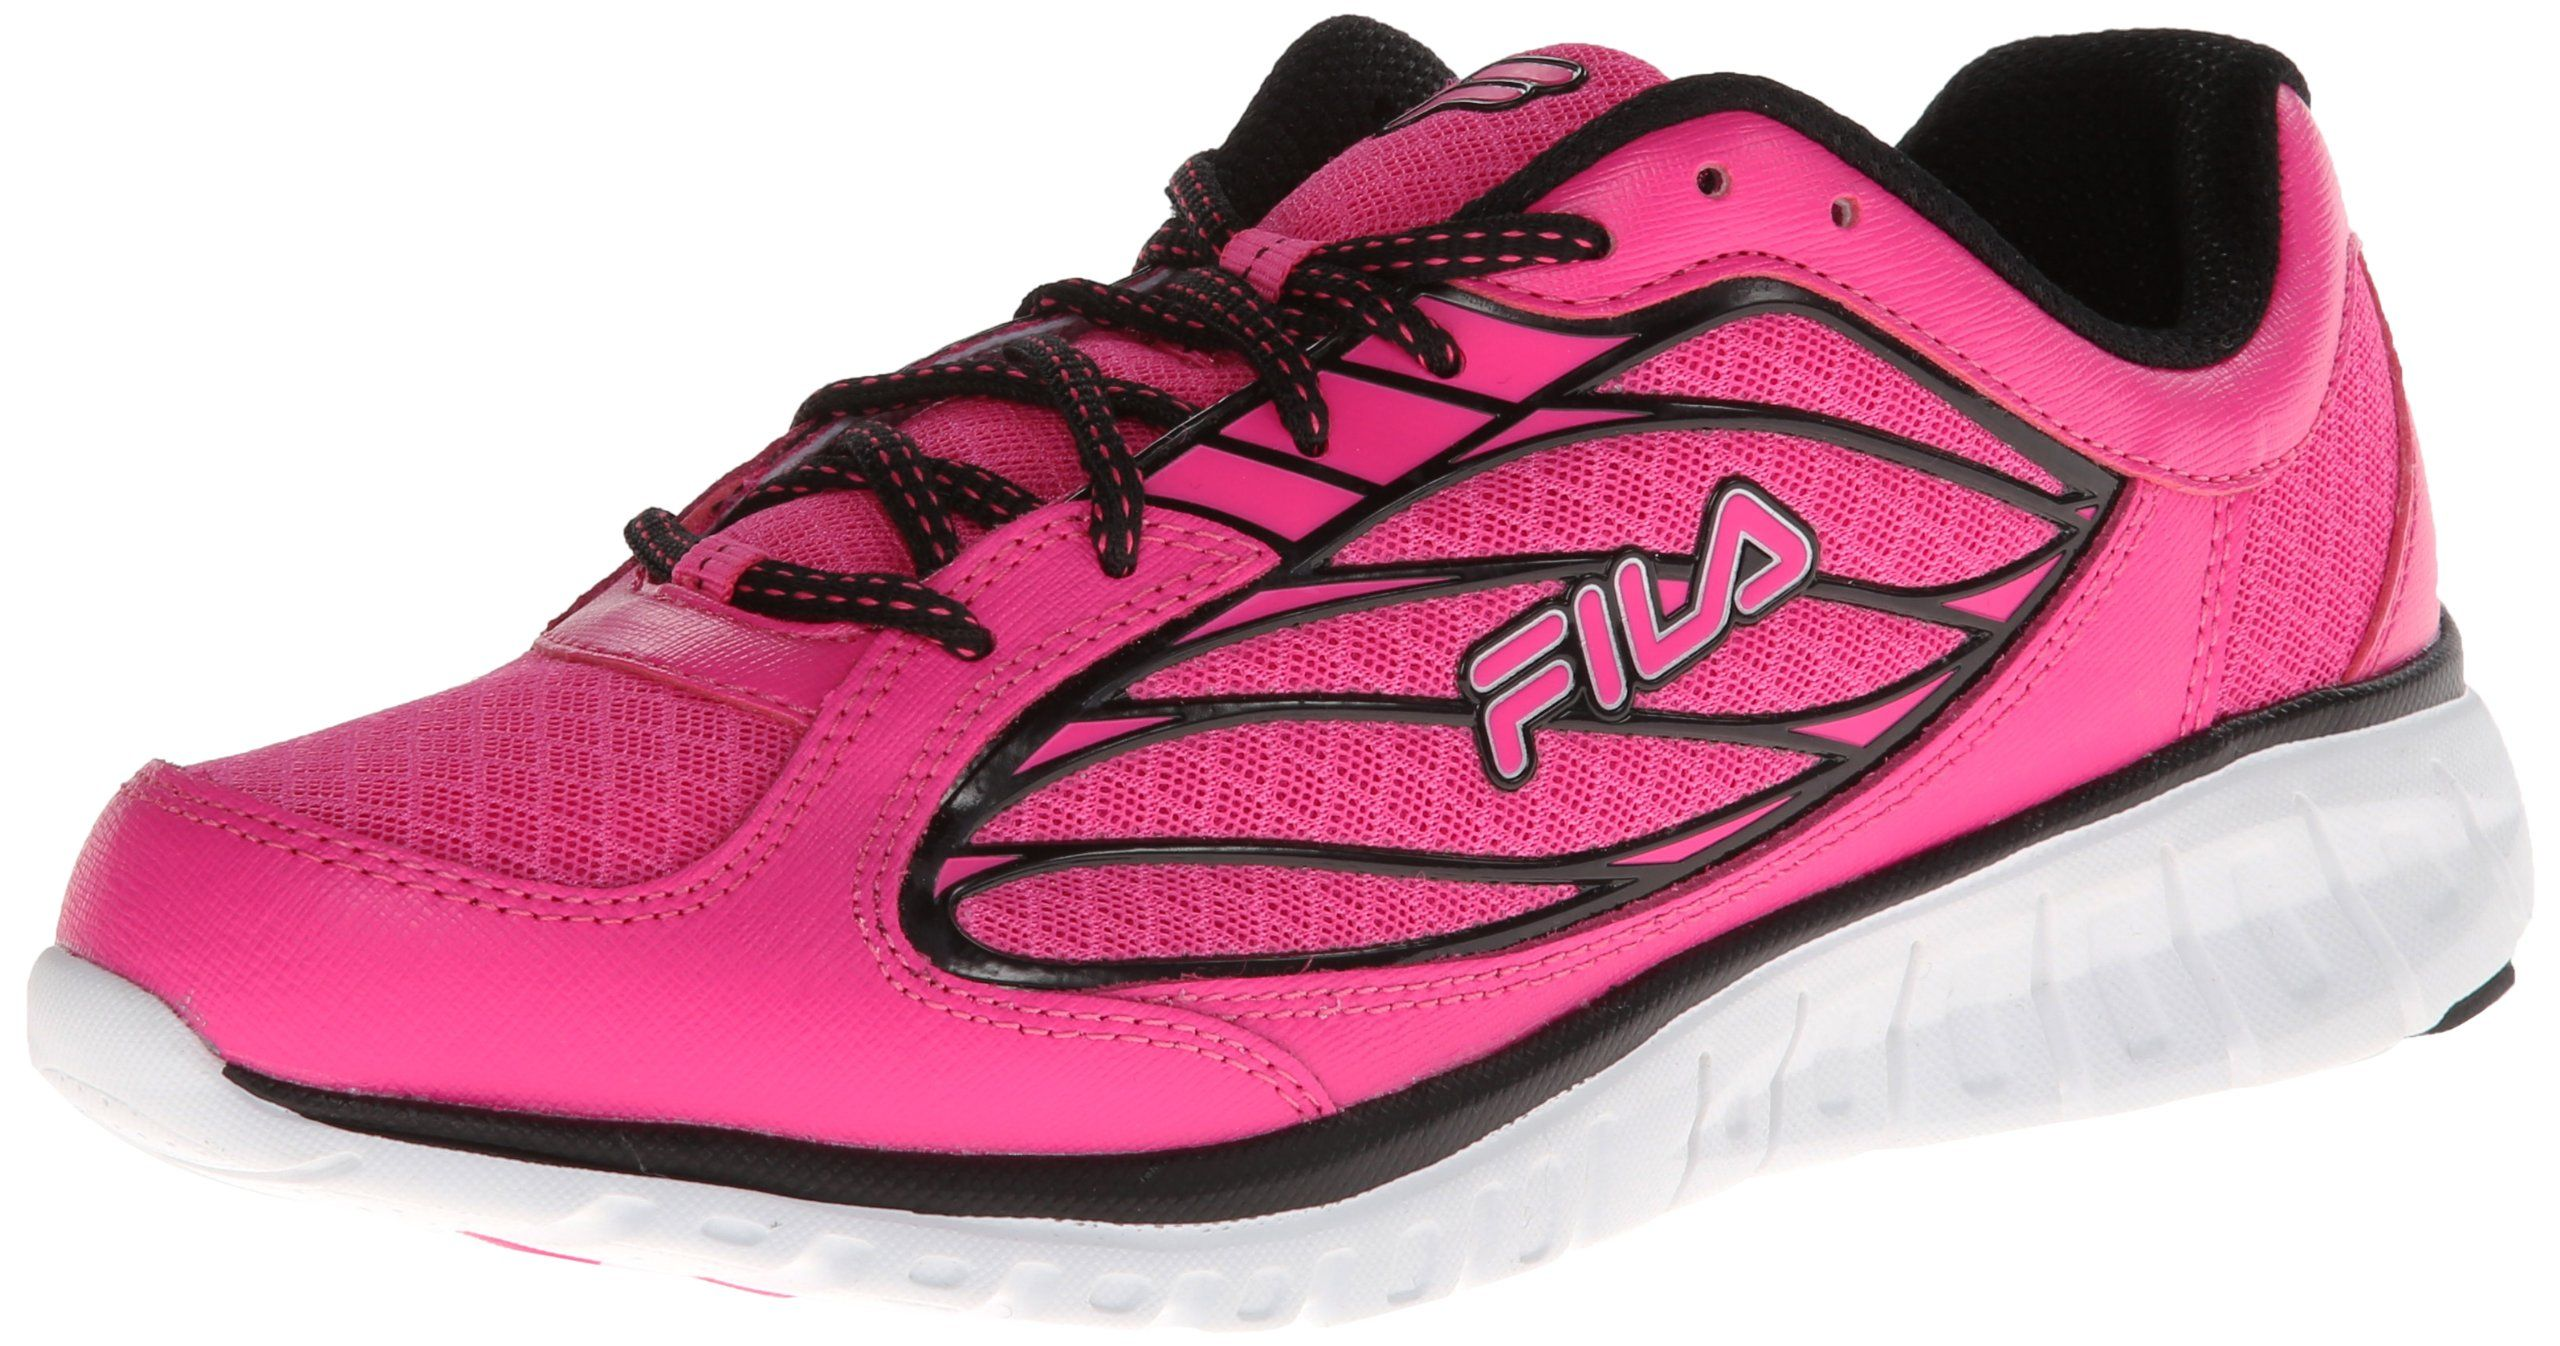 91c66de27a6b Fila Women s Hyper Split 3 Running Shoe